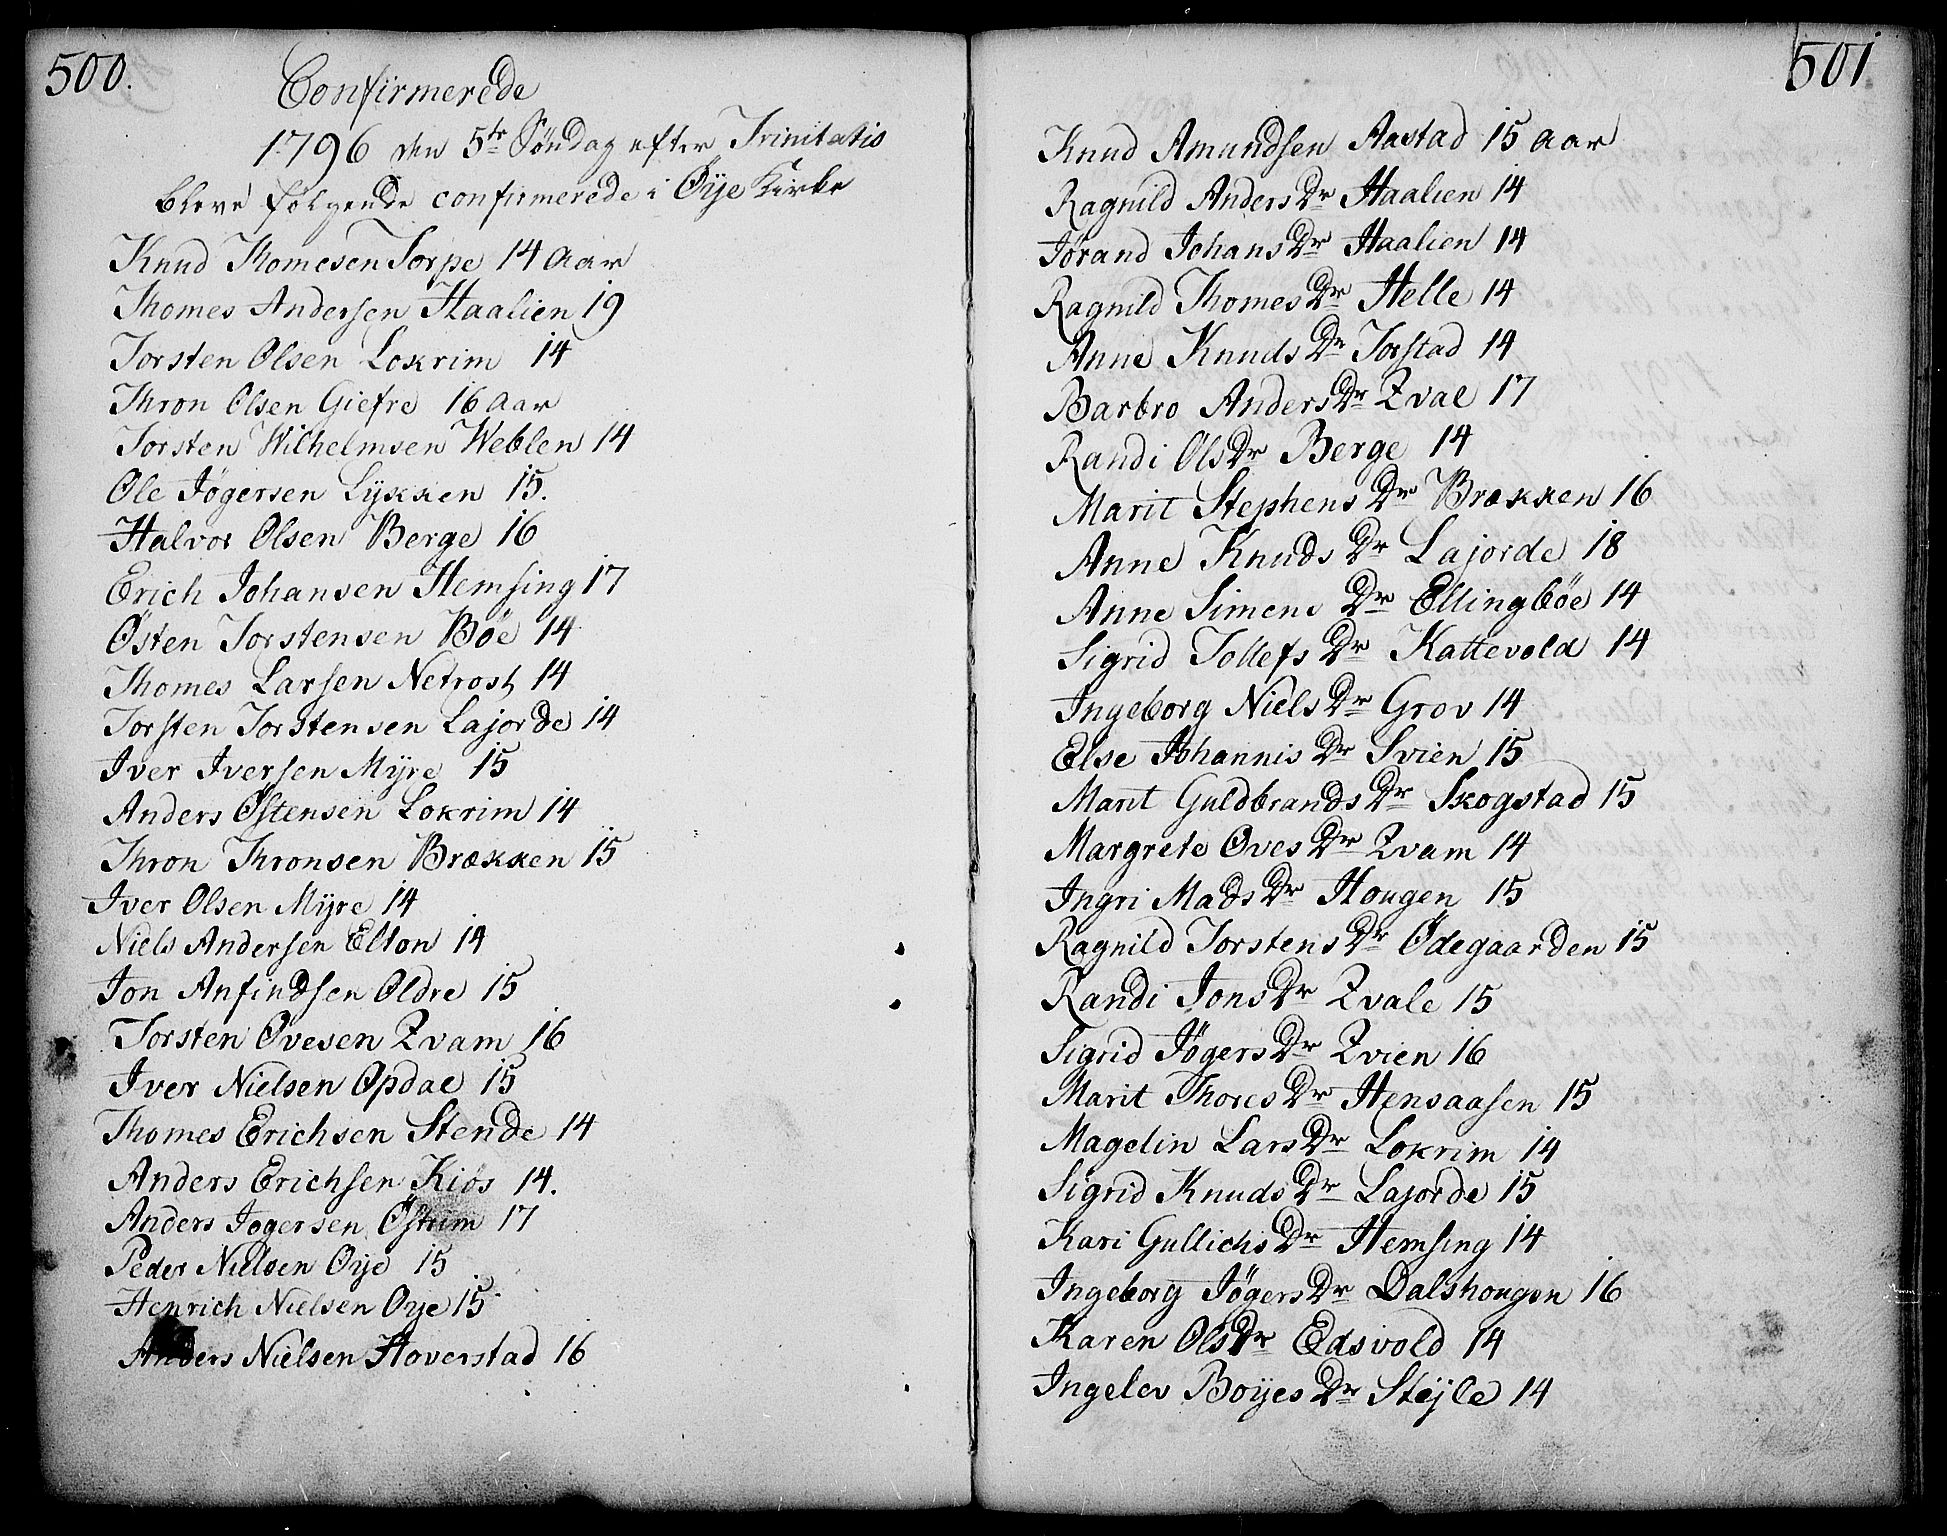 SAH, Vang prestekontor, Valdres, Ministerialbok nr. 2, 1796-1808, s. 500-501